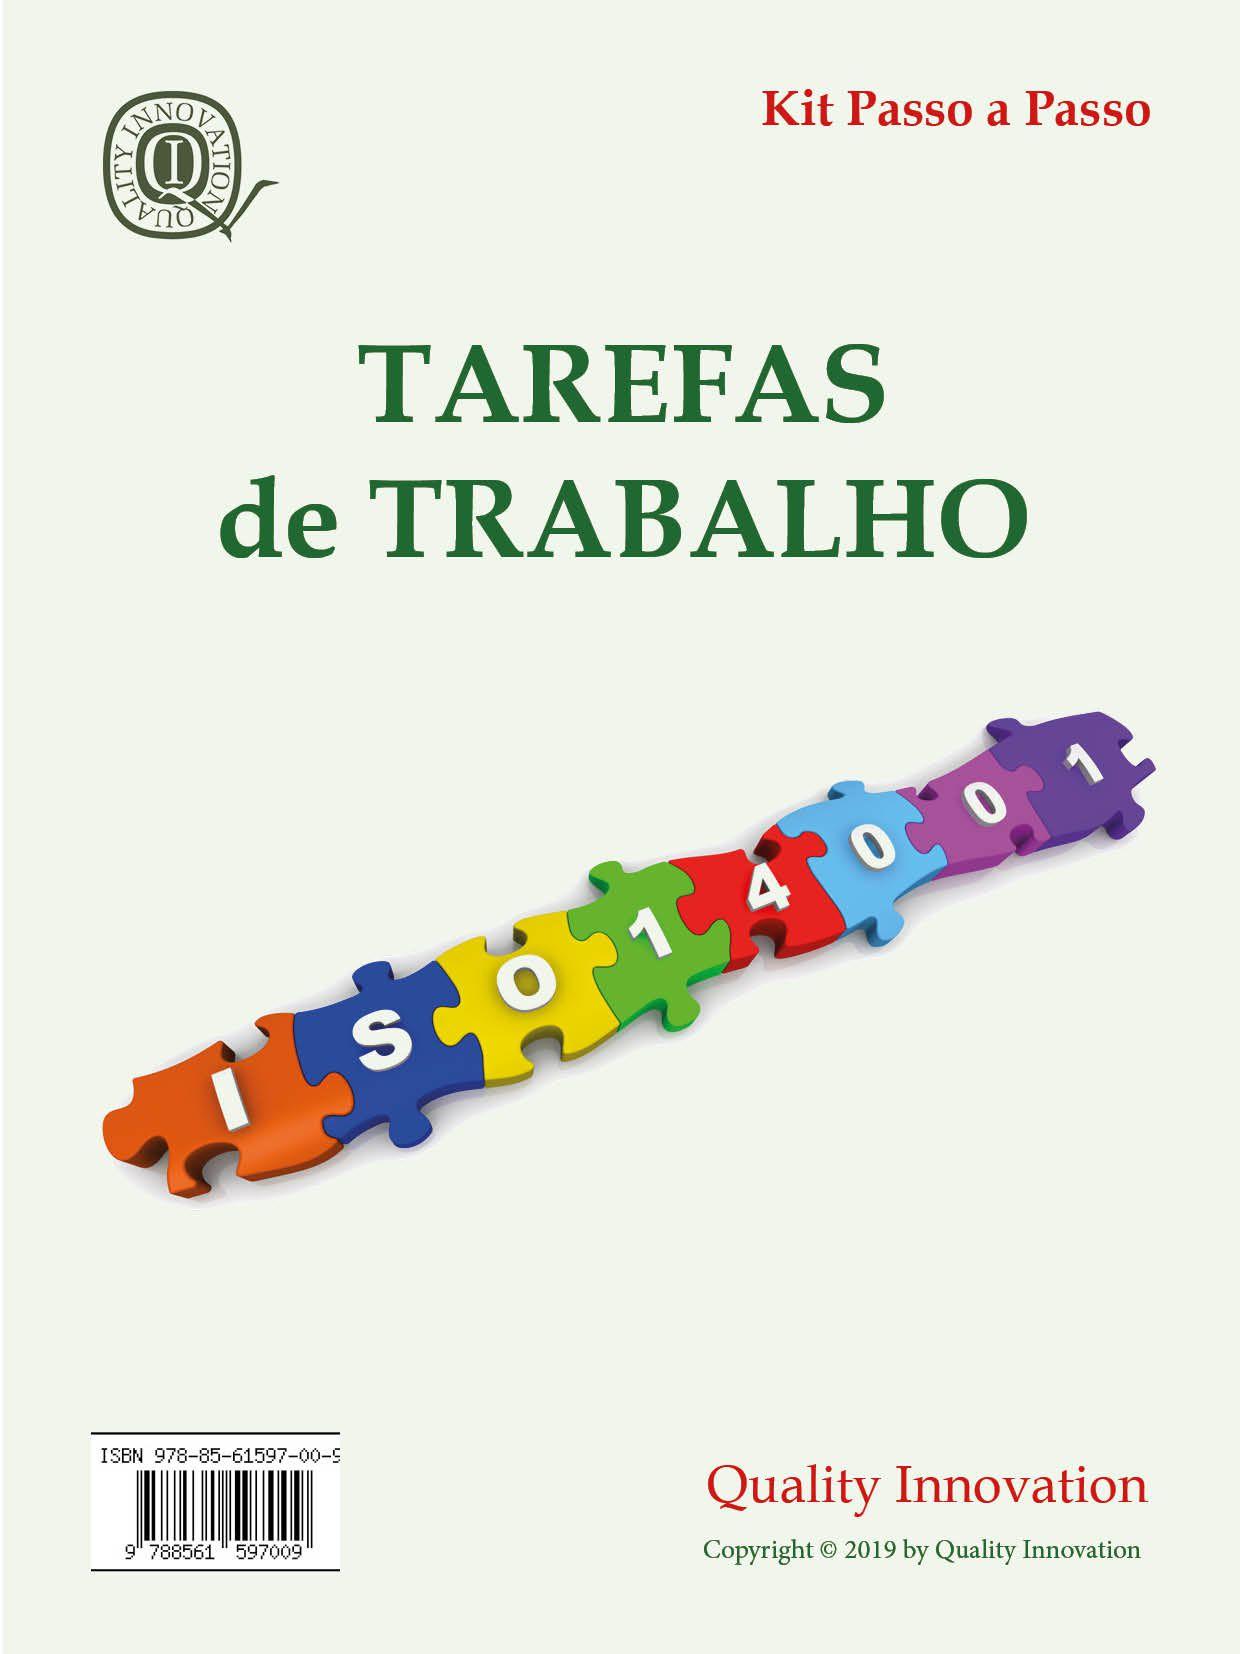 Tarefas de Trabalho da ISO 14001  - www.qualistore.net.br